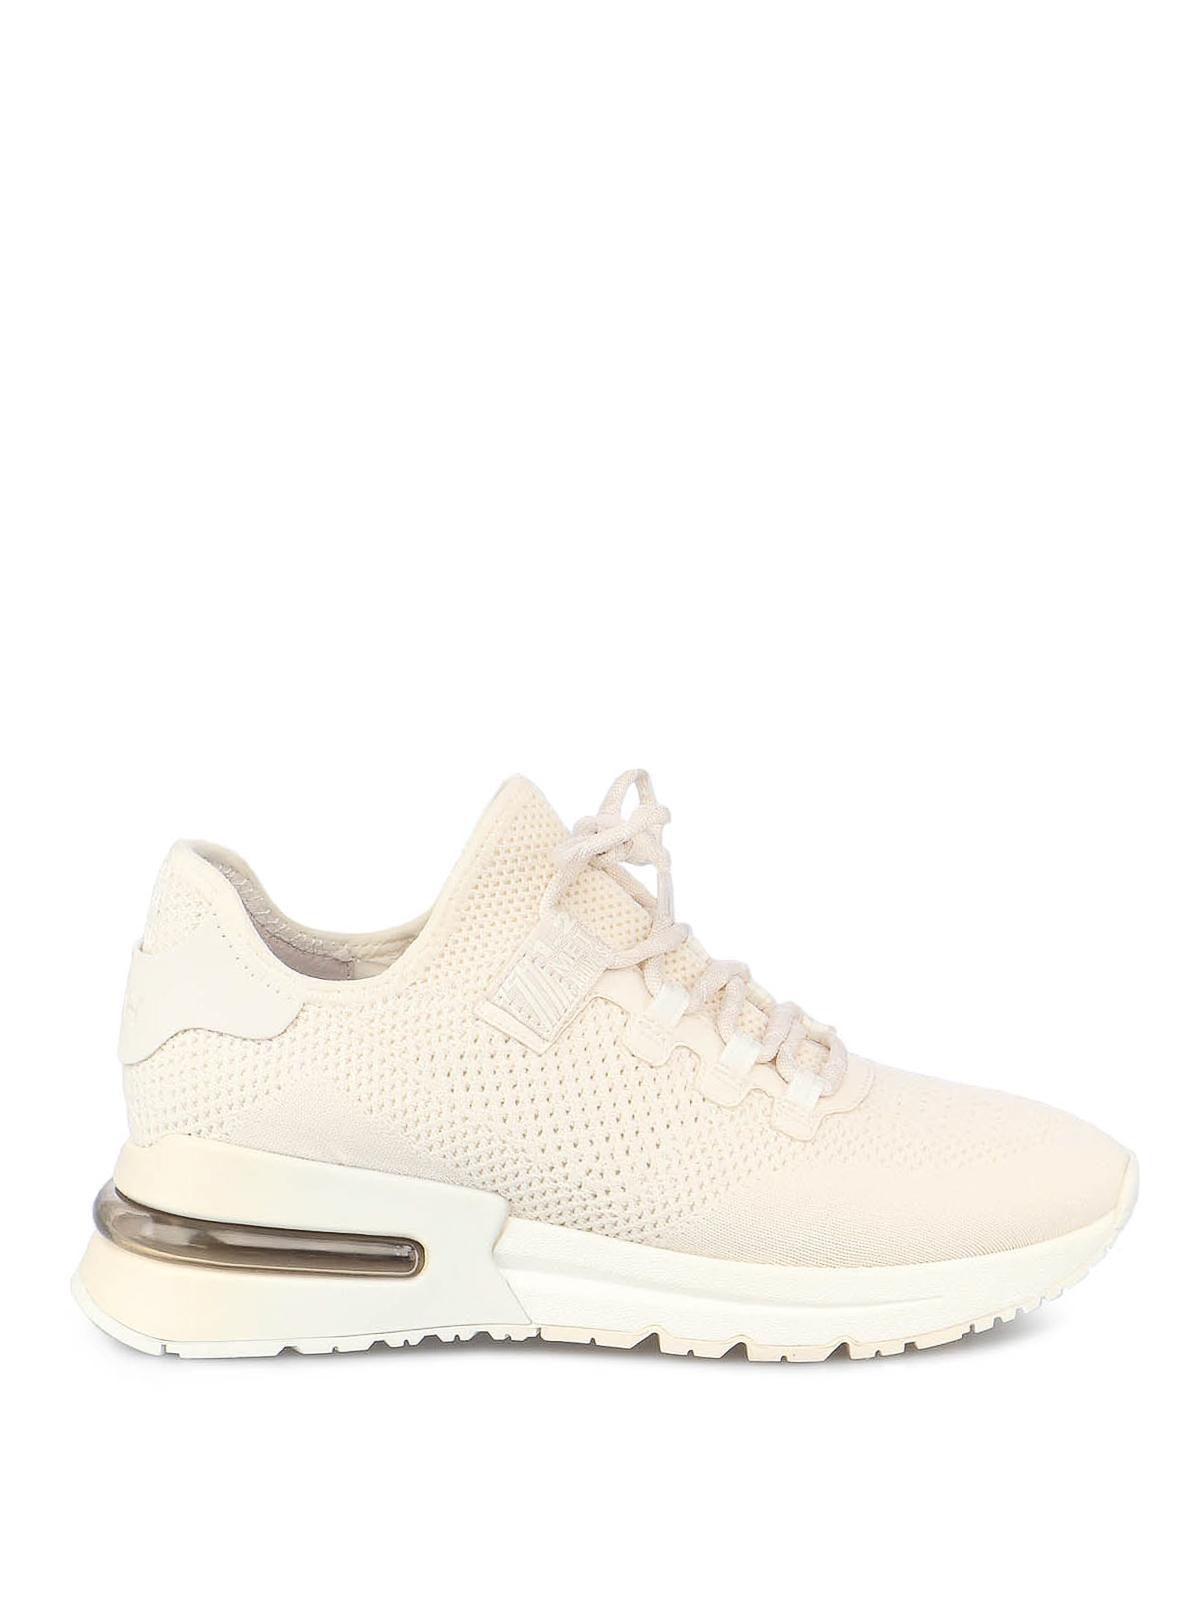 Ash Sneakers KRUSH SNEAKERS